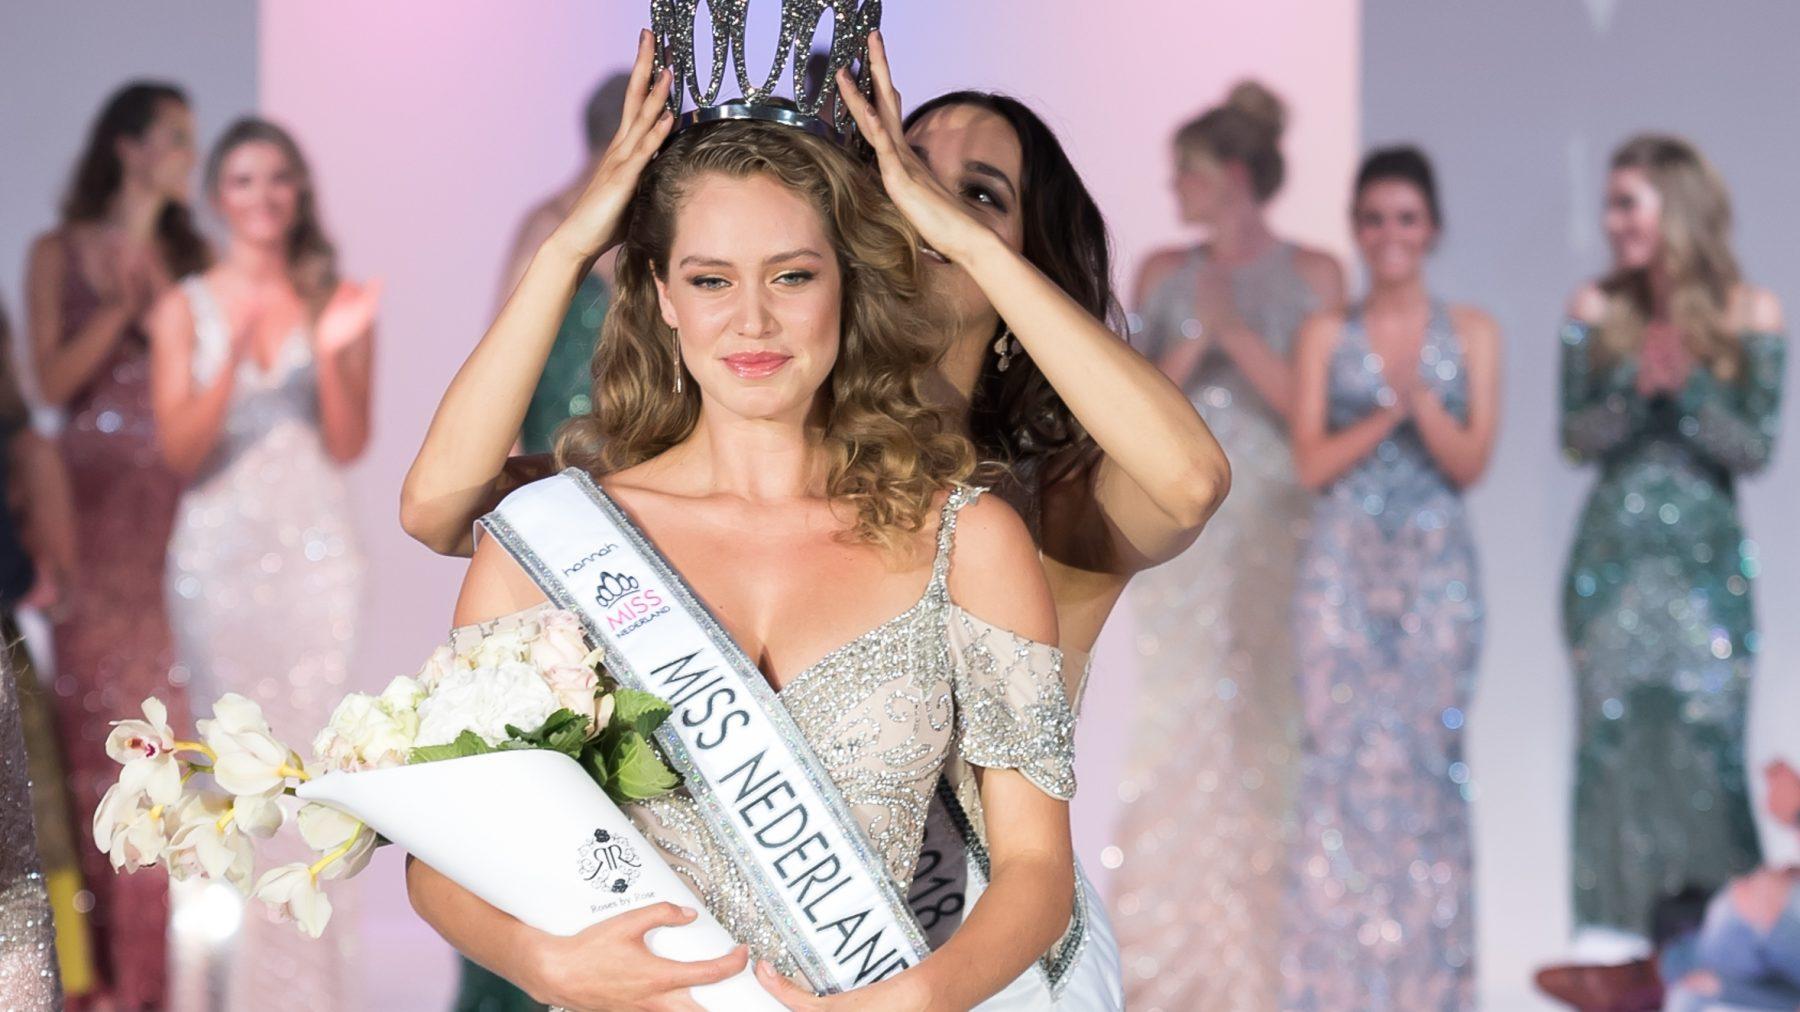 Miss Nederland 2019 Sharon Pieksma